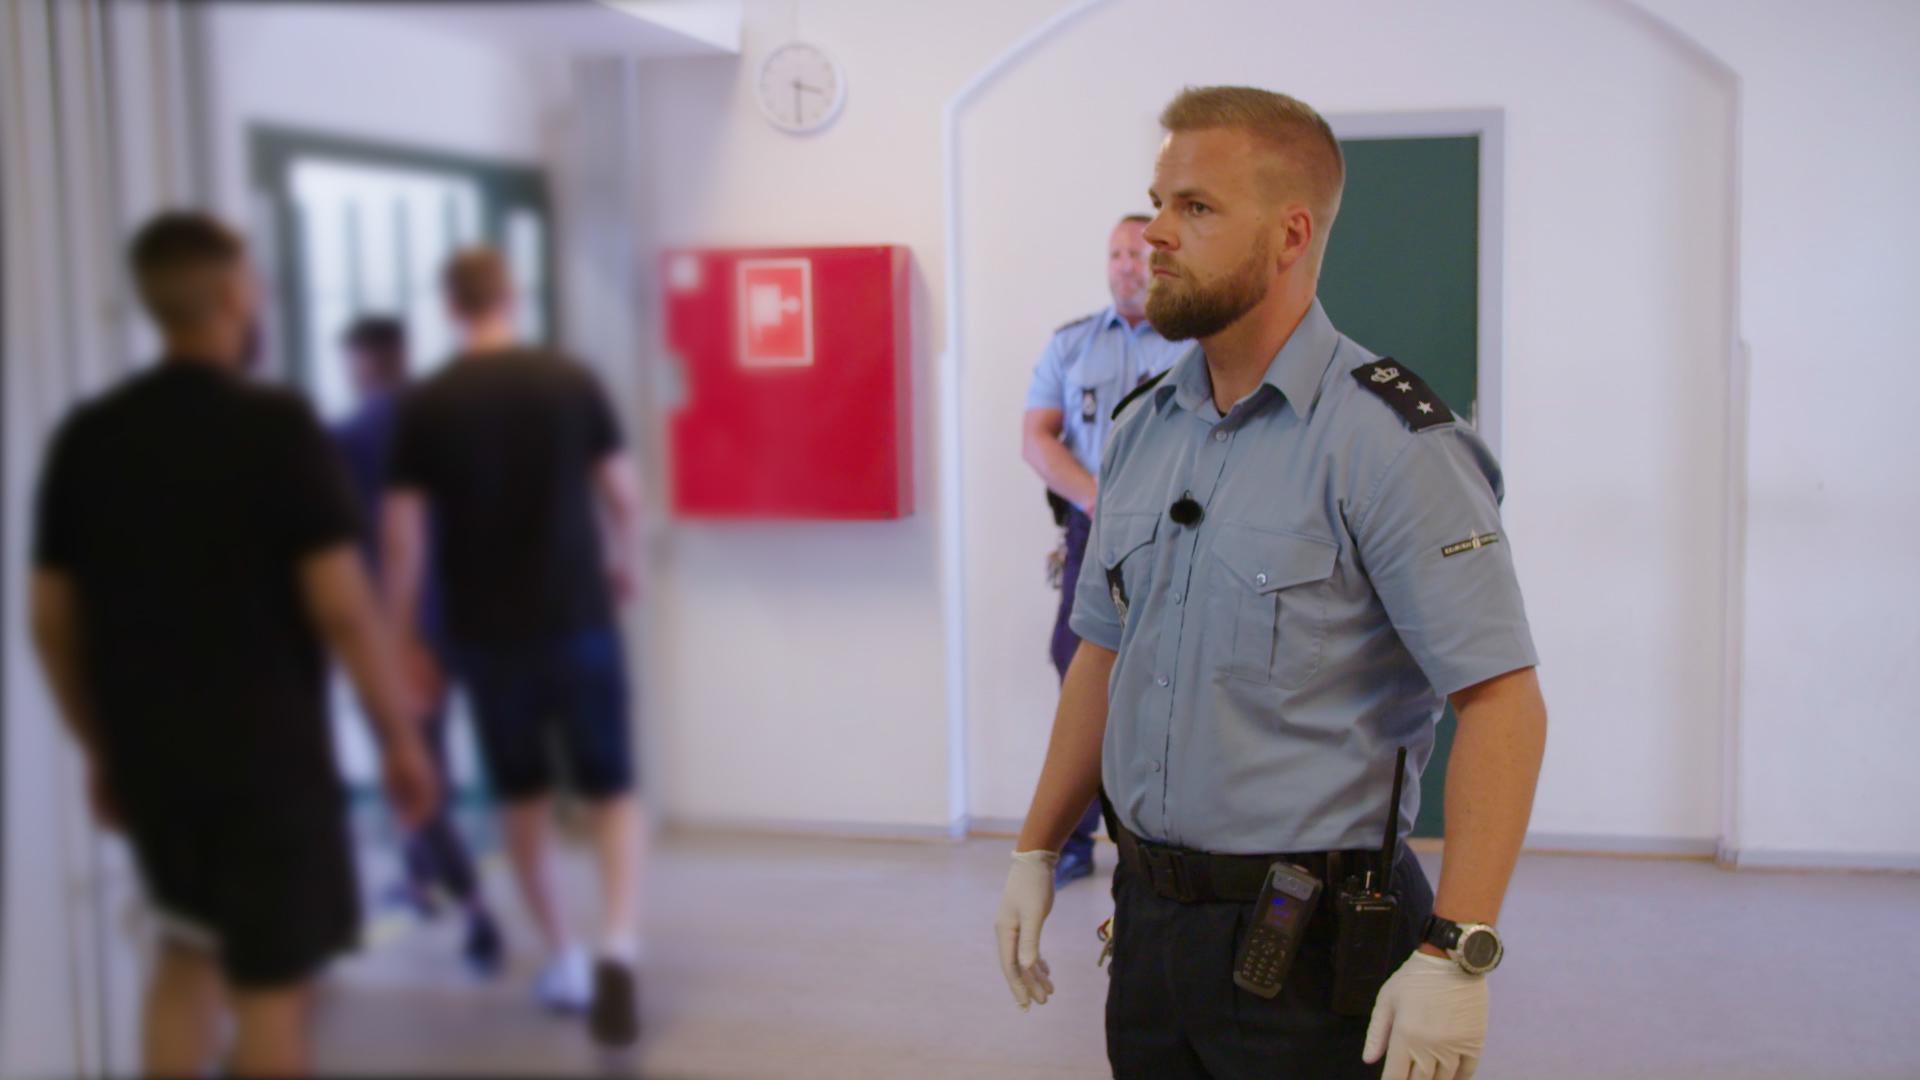 En hverdag med konflikter, vold og trusler: Kom med ind bag fængslets mure